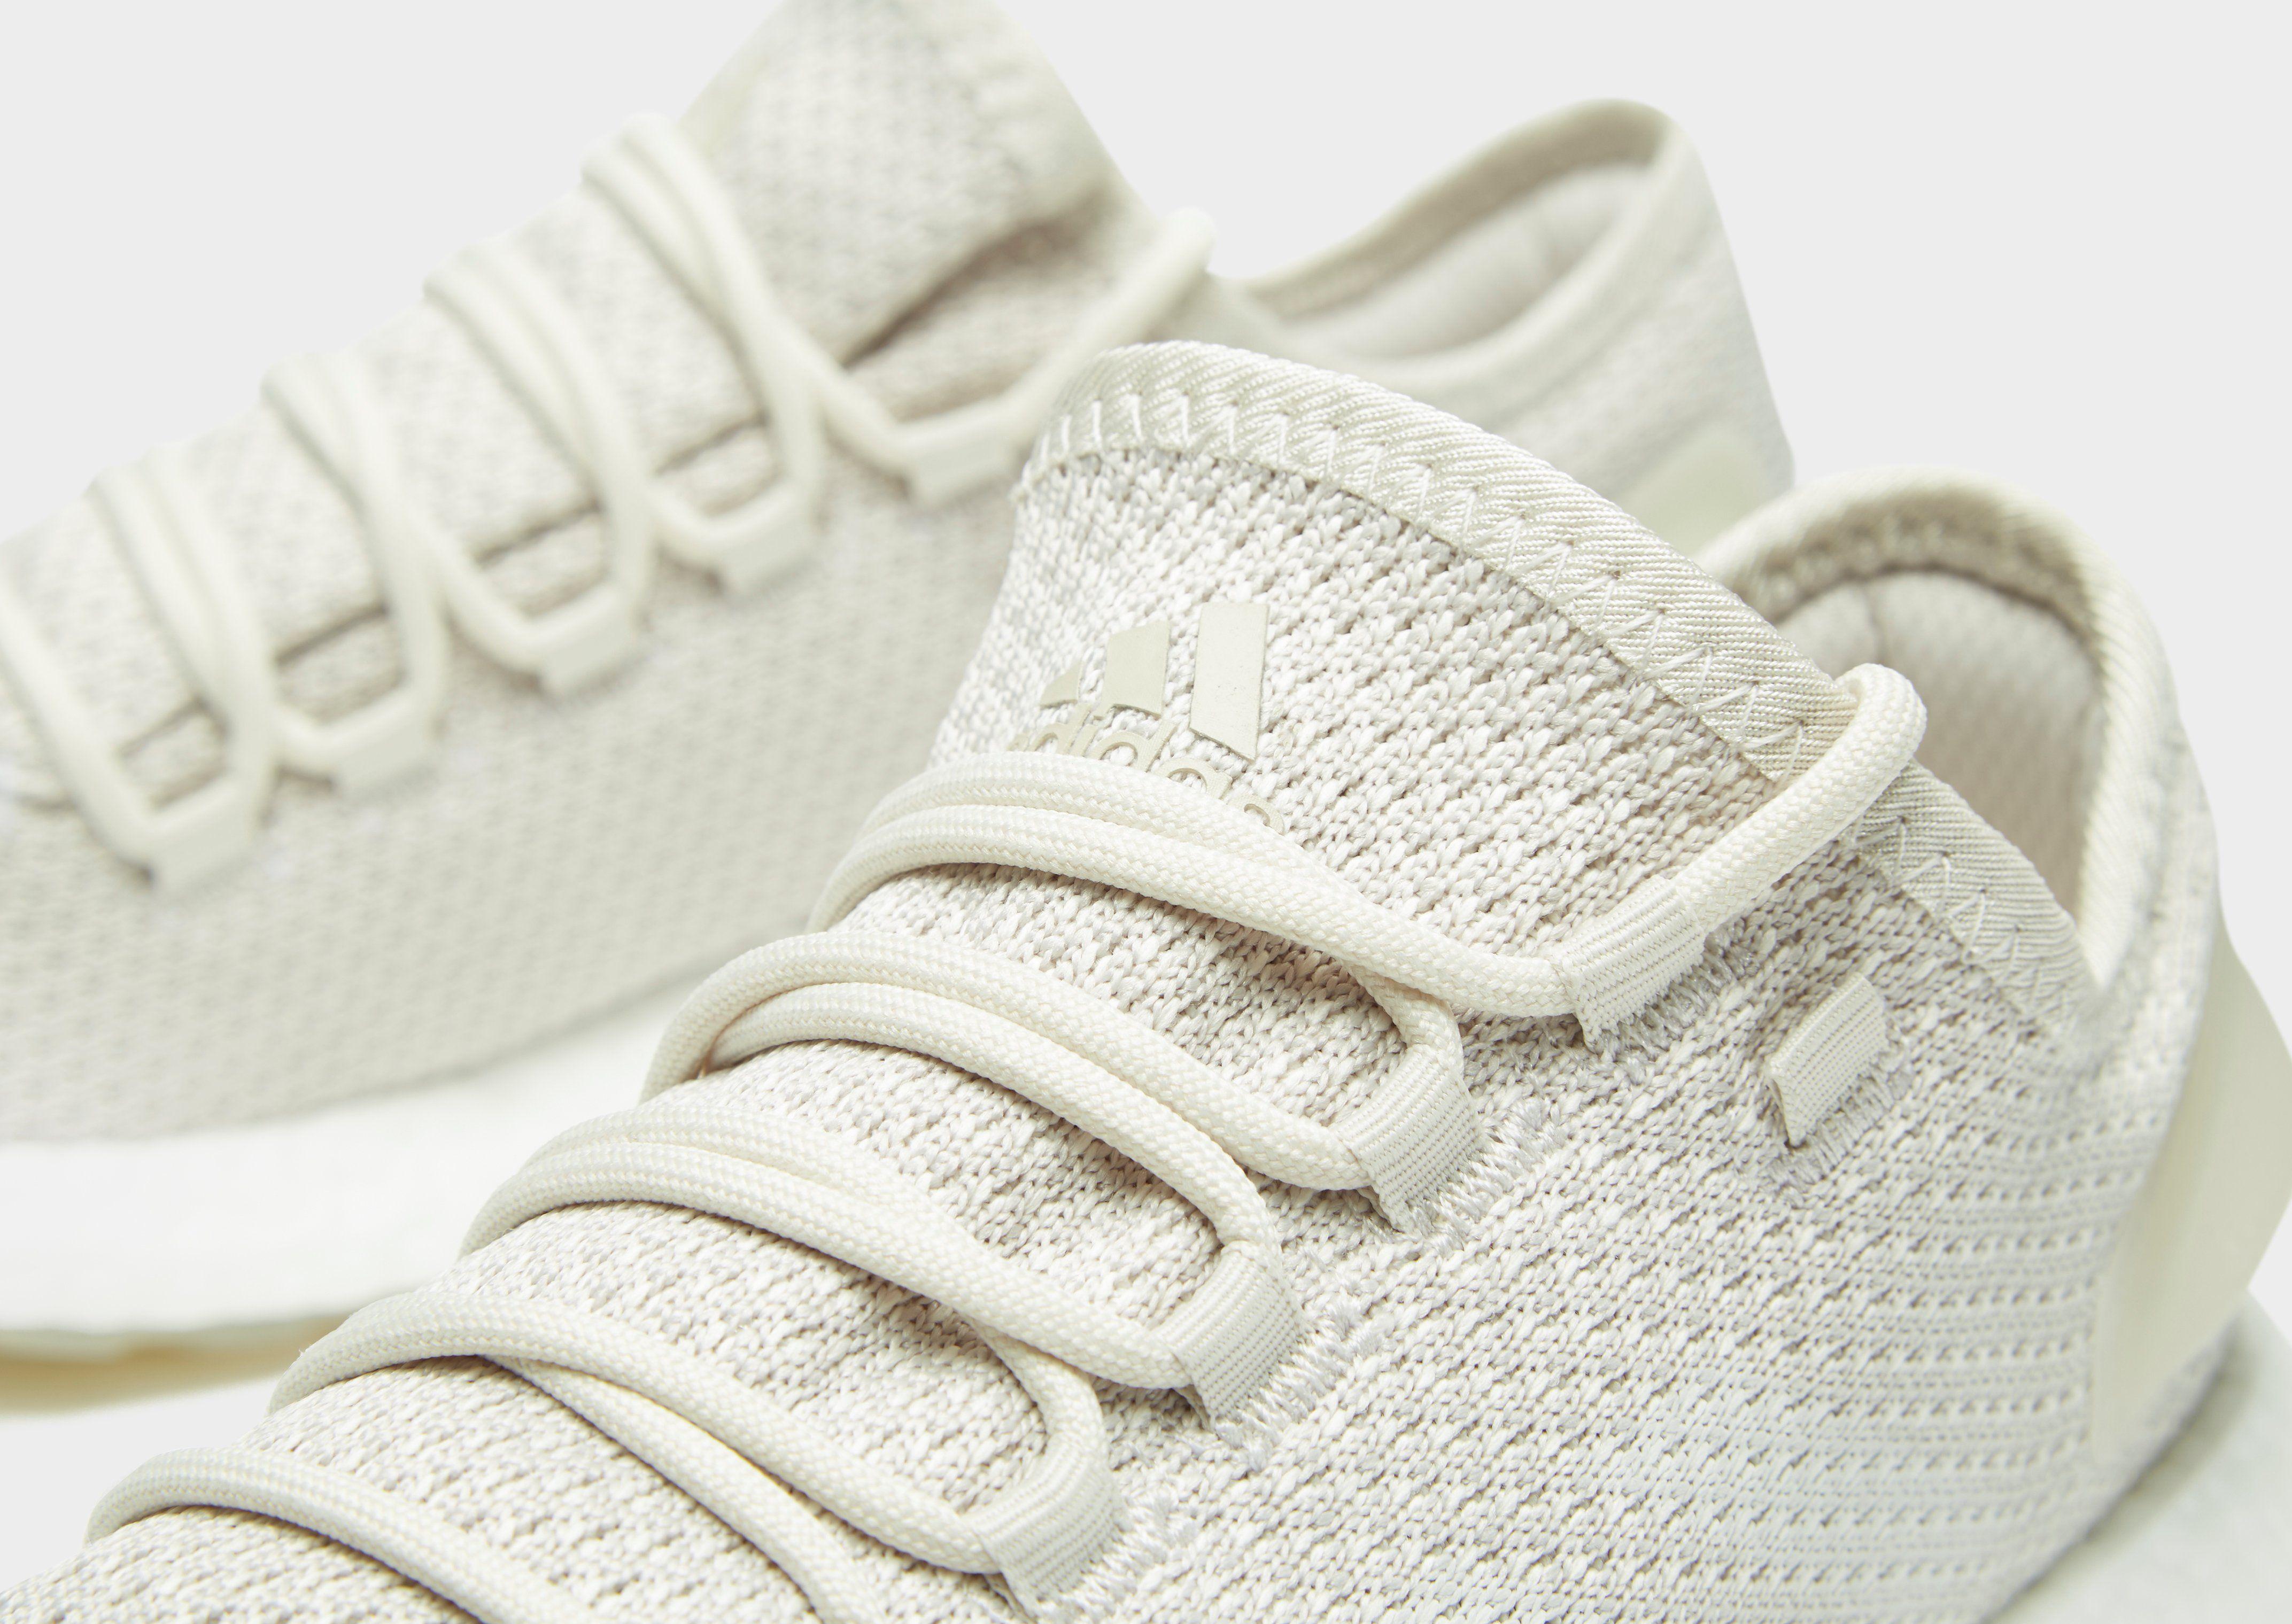 adidas Pureboost Clima Weiss Die Billigsten Günstig Kaufen Exklusiv f3SjI1Vb